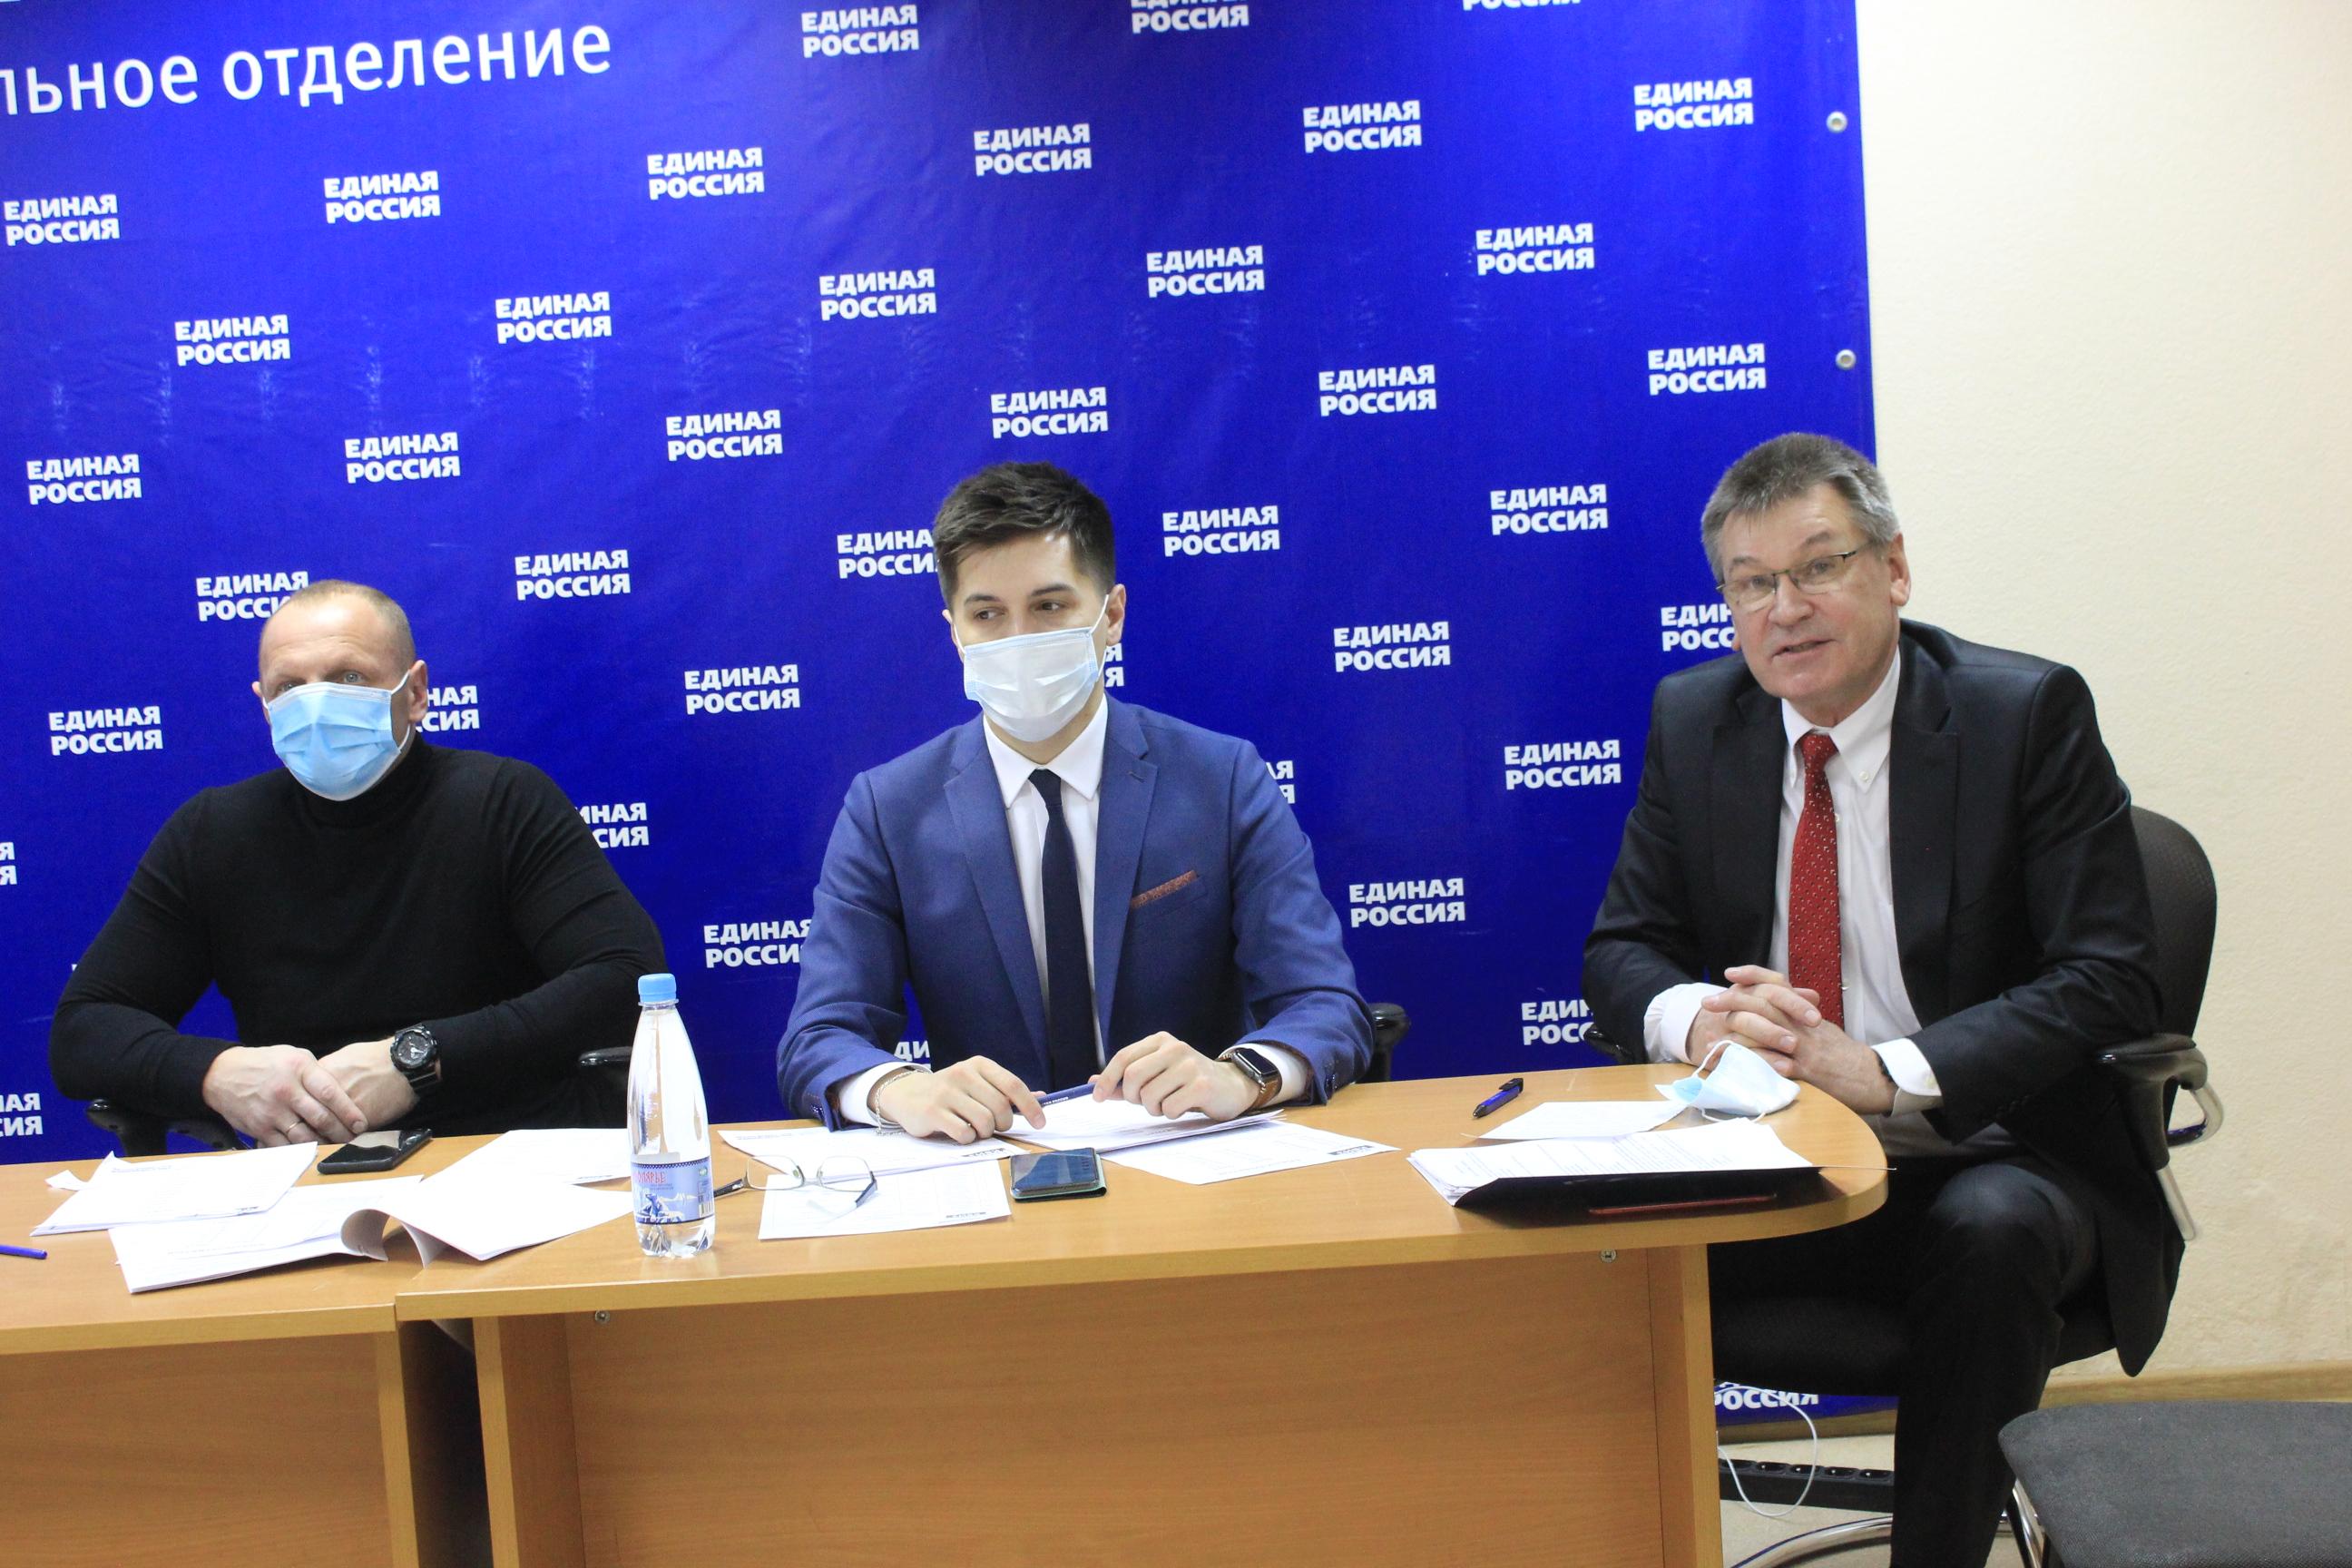 Открыл игру депутат Госдумы Сергей Коткин (крайний справа)